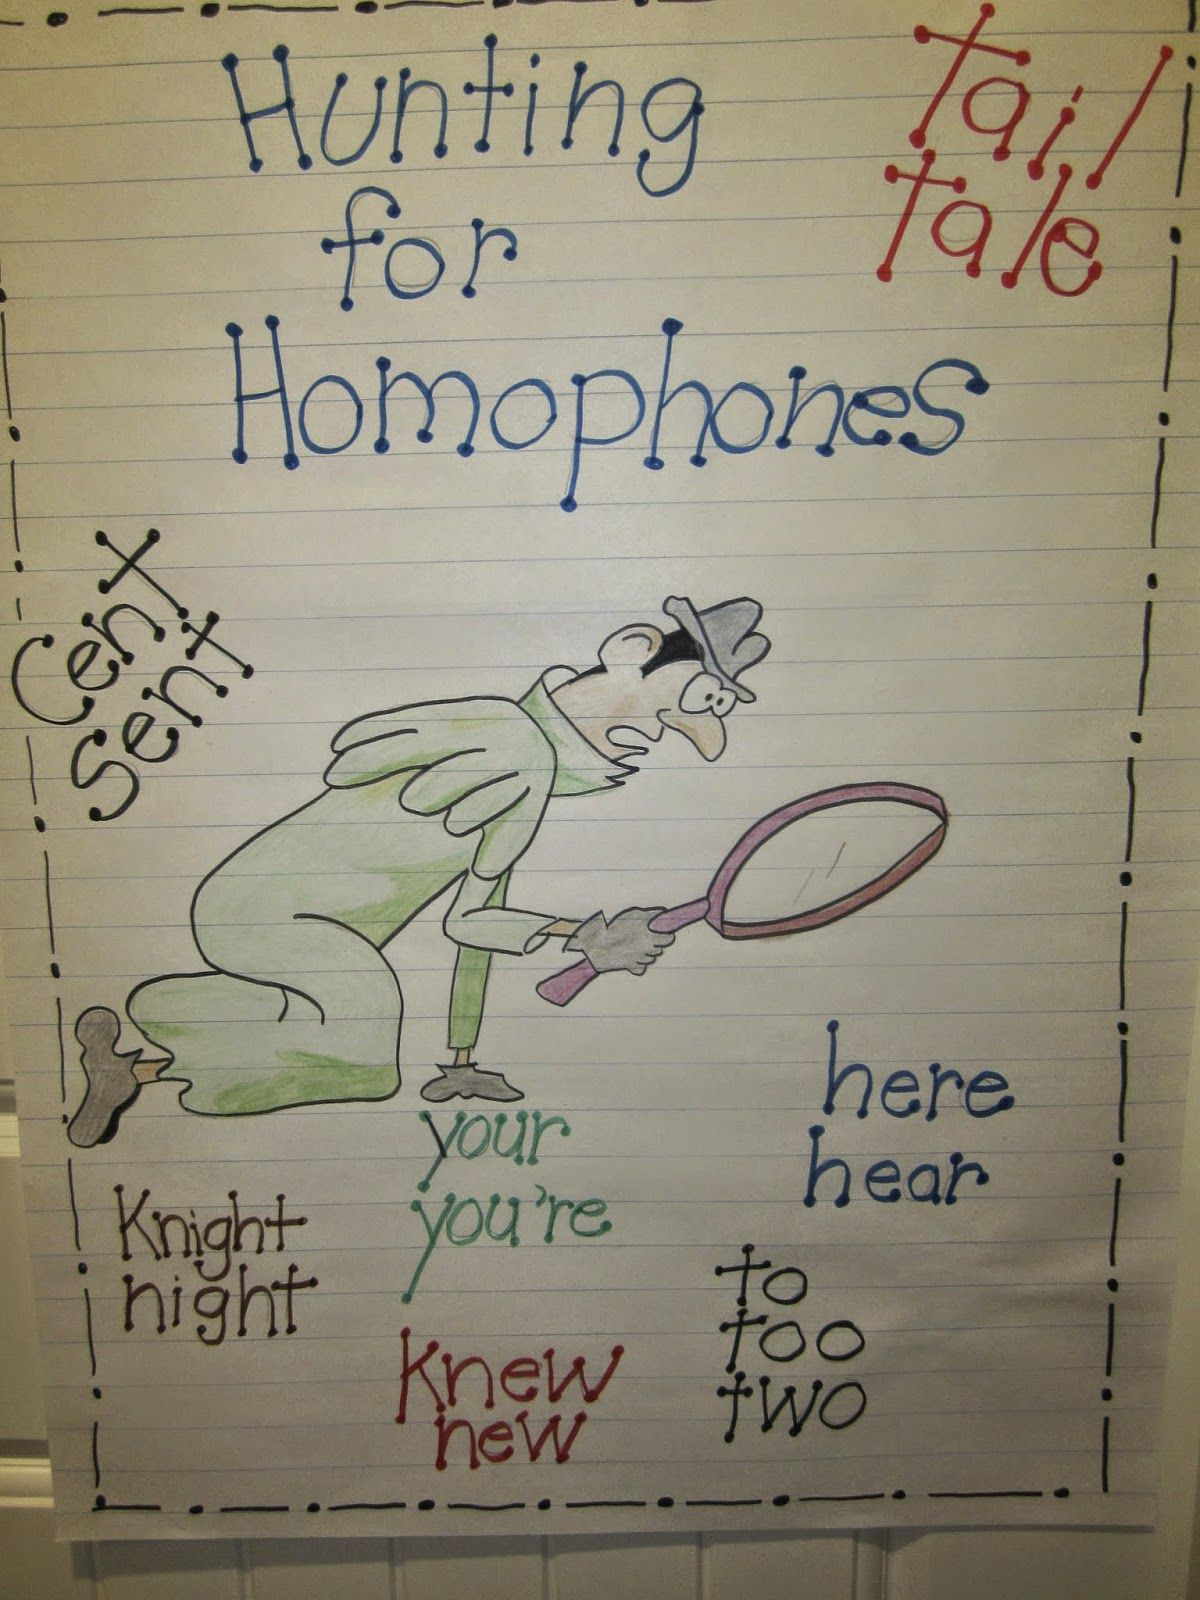 Hunting Homophones